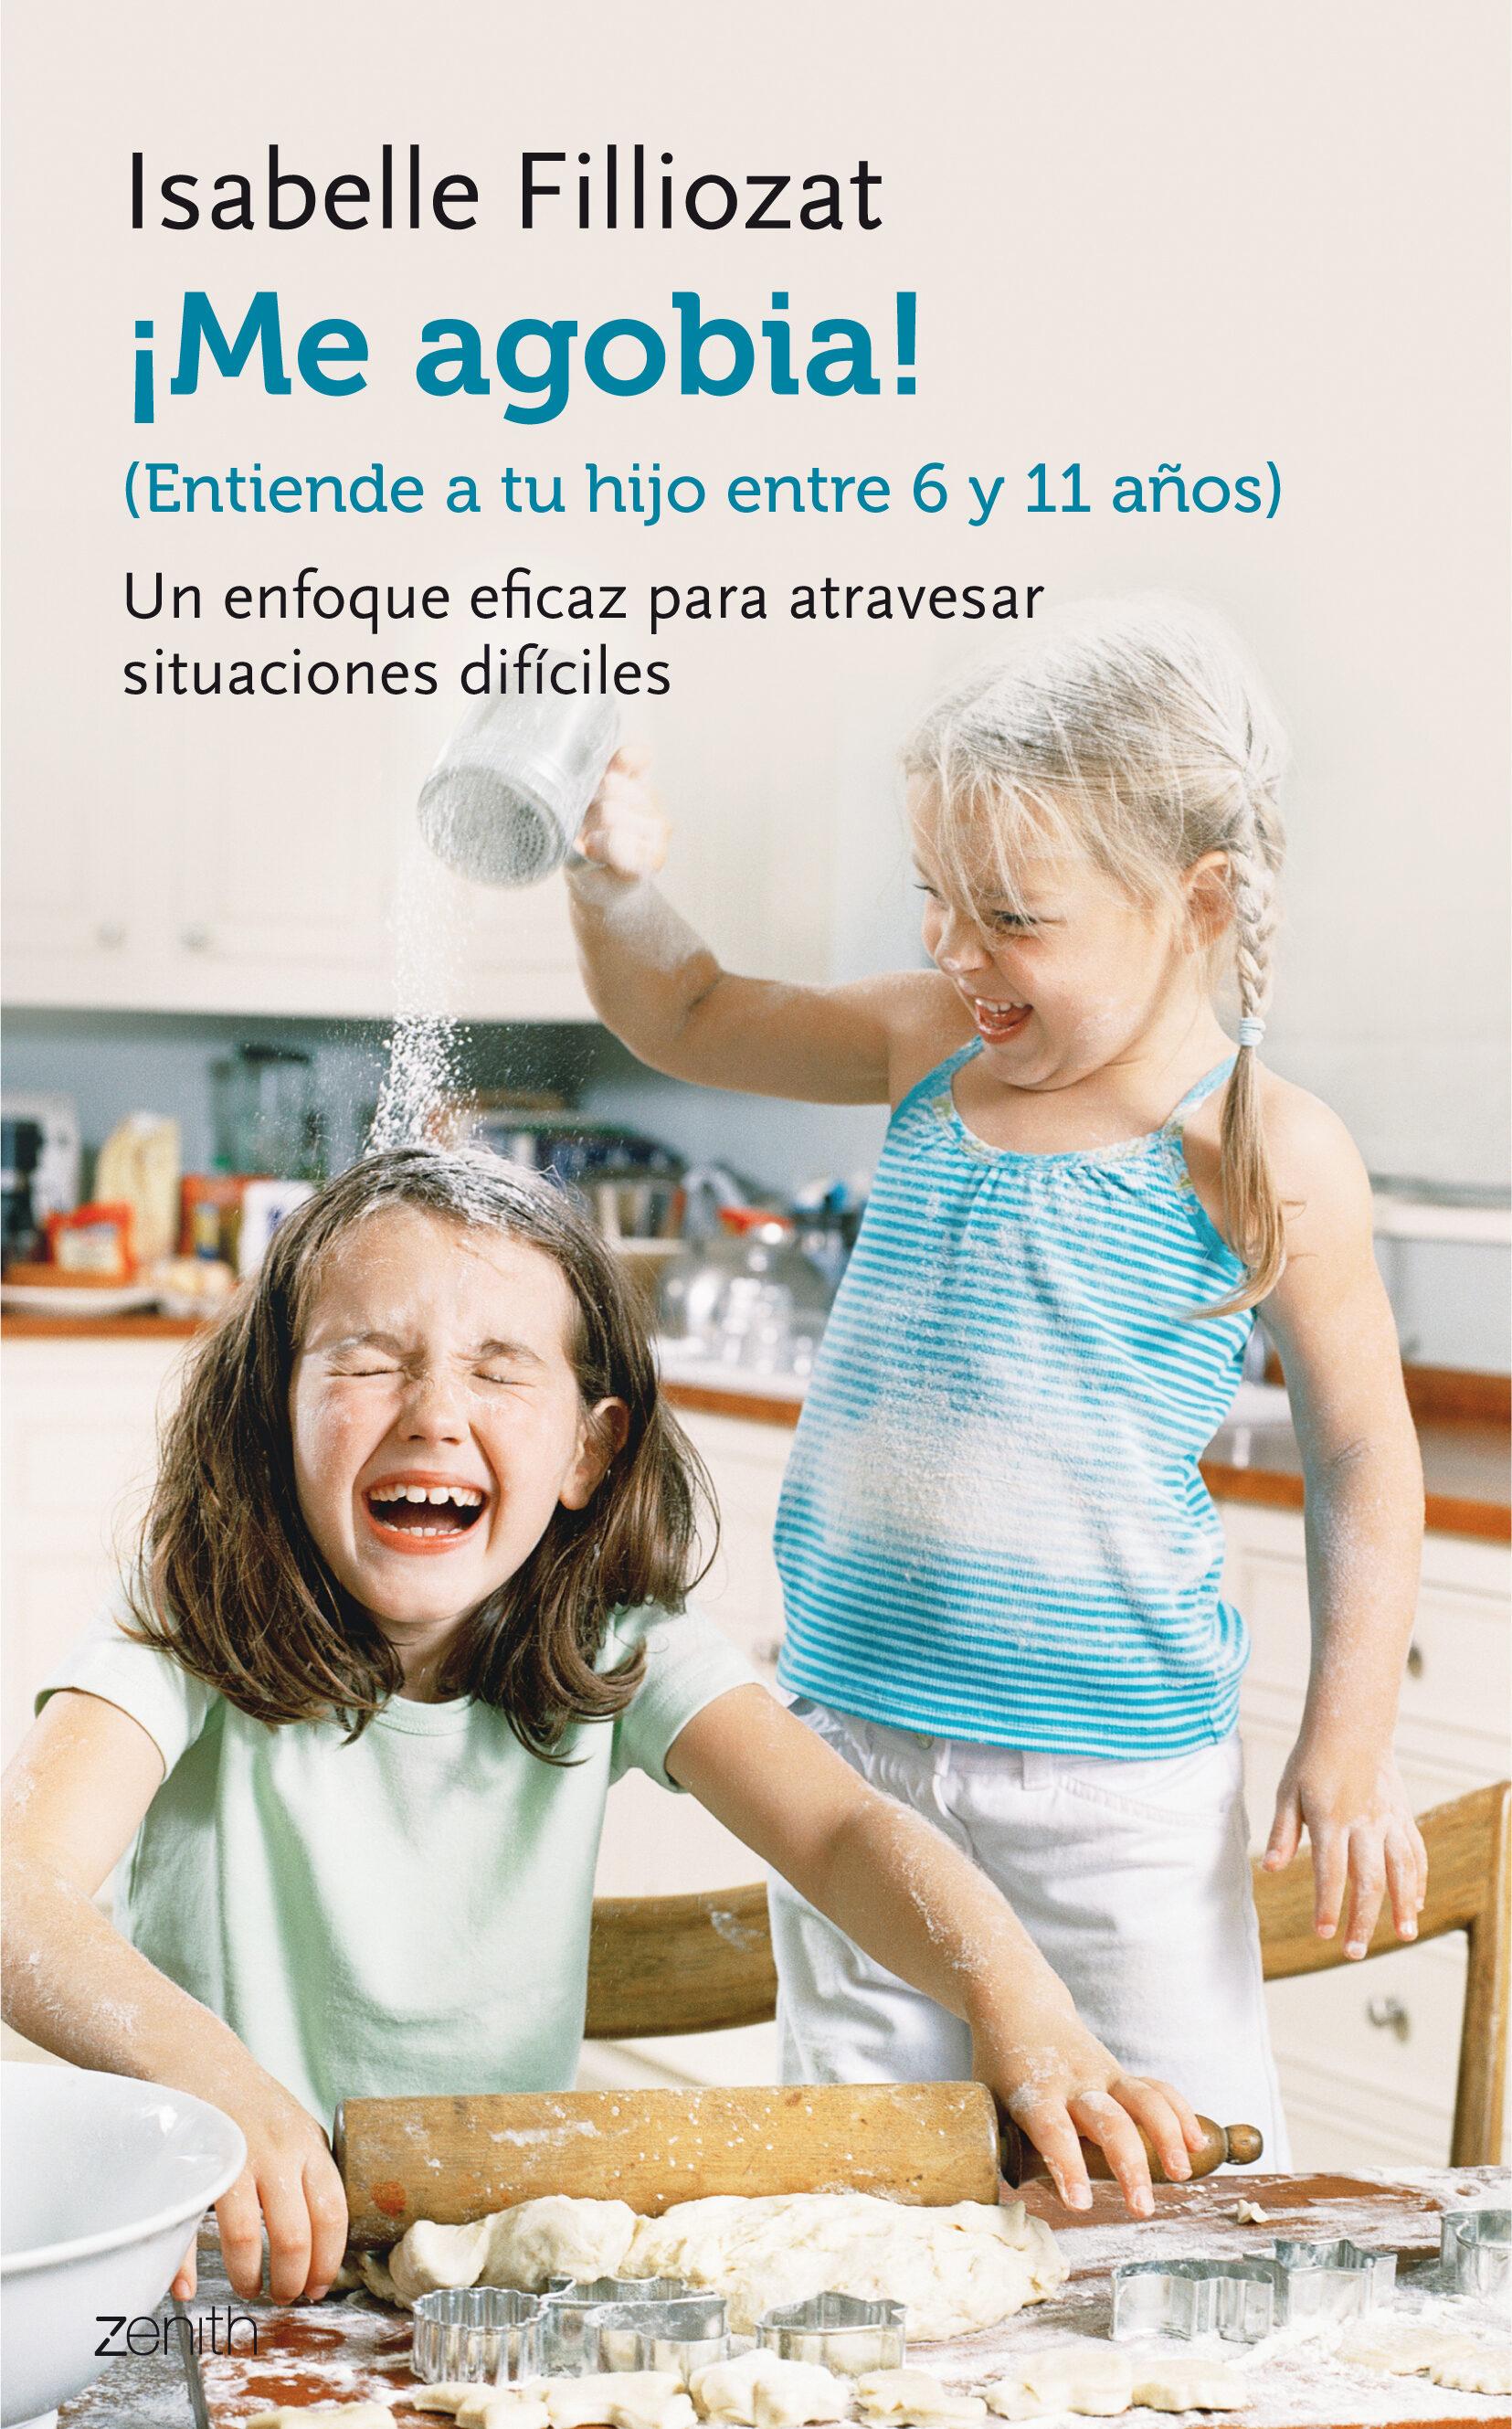 ¡me Agobia!: Entiende A Tu Hijo De Entre 6 Y 11 Años por Isabelle Filliozat